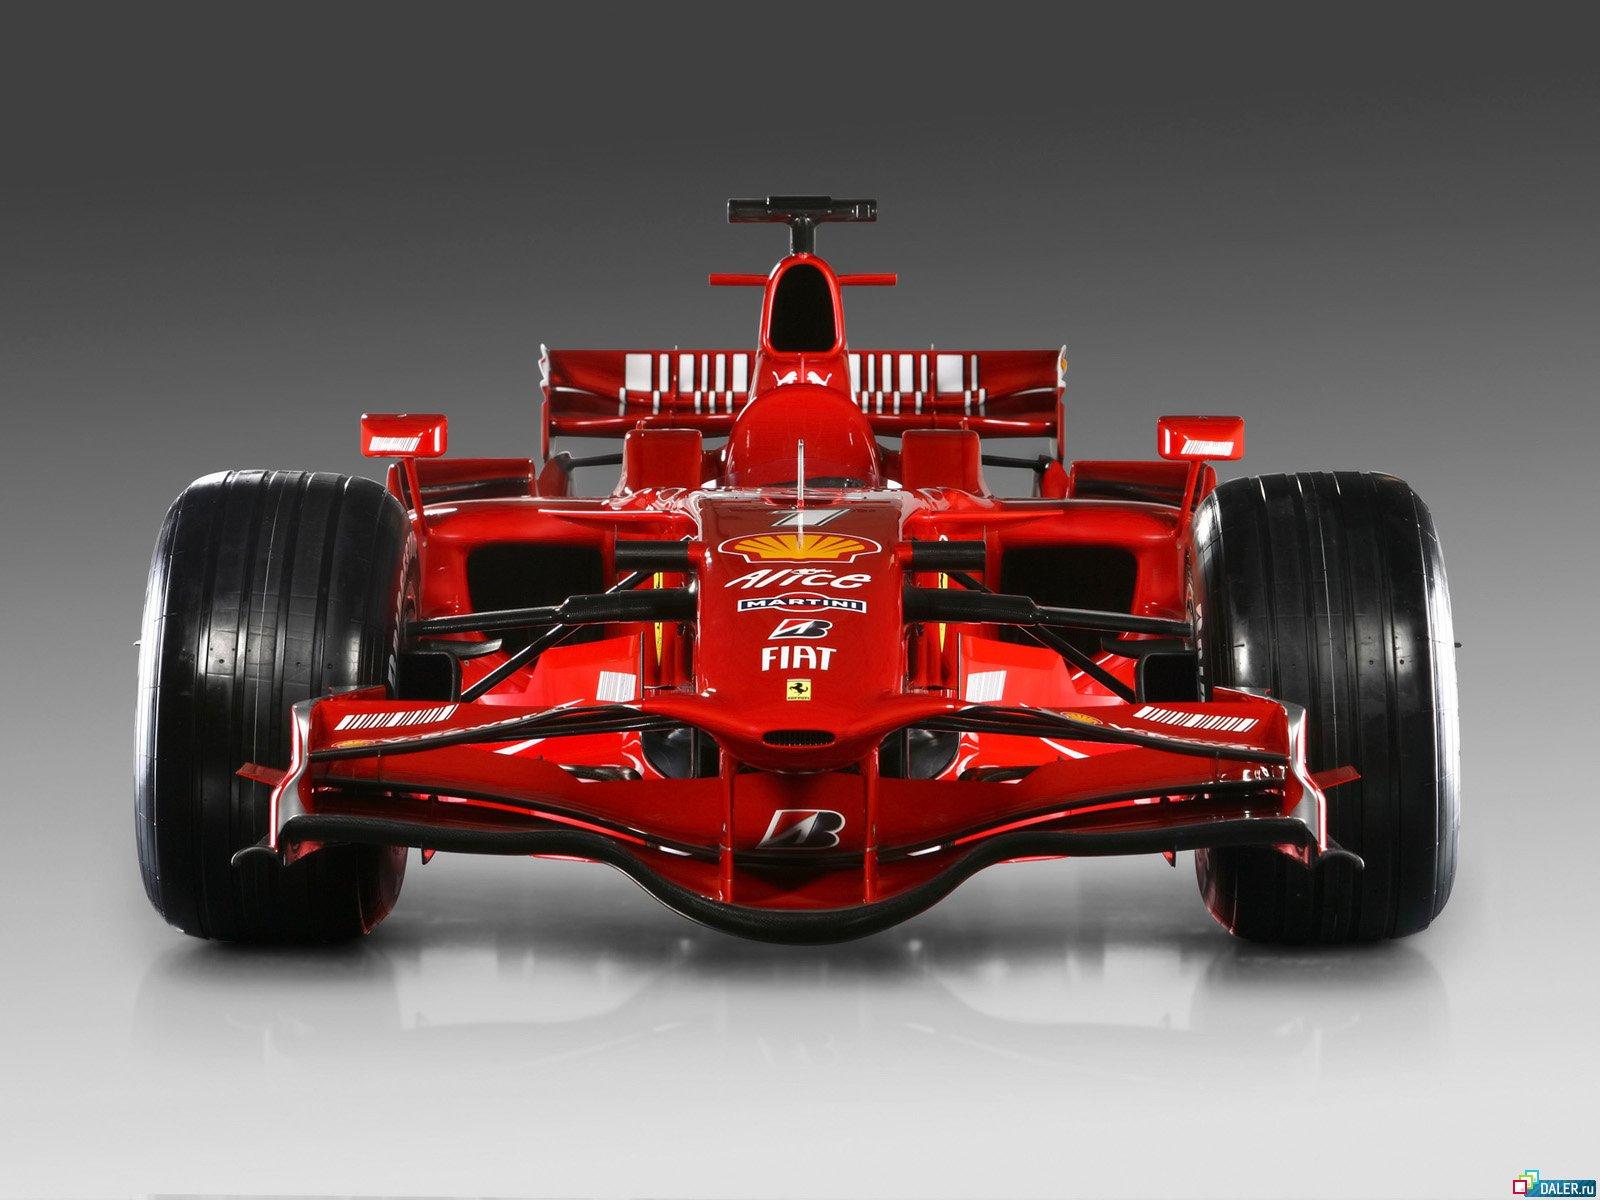 Обои на рабочий стол, формула один, гоночный автомобиль, гонки